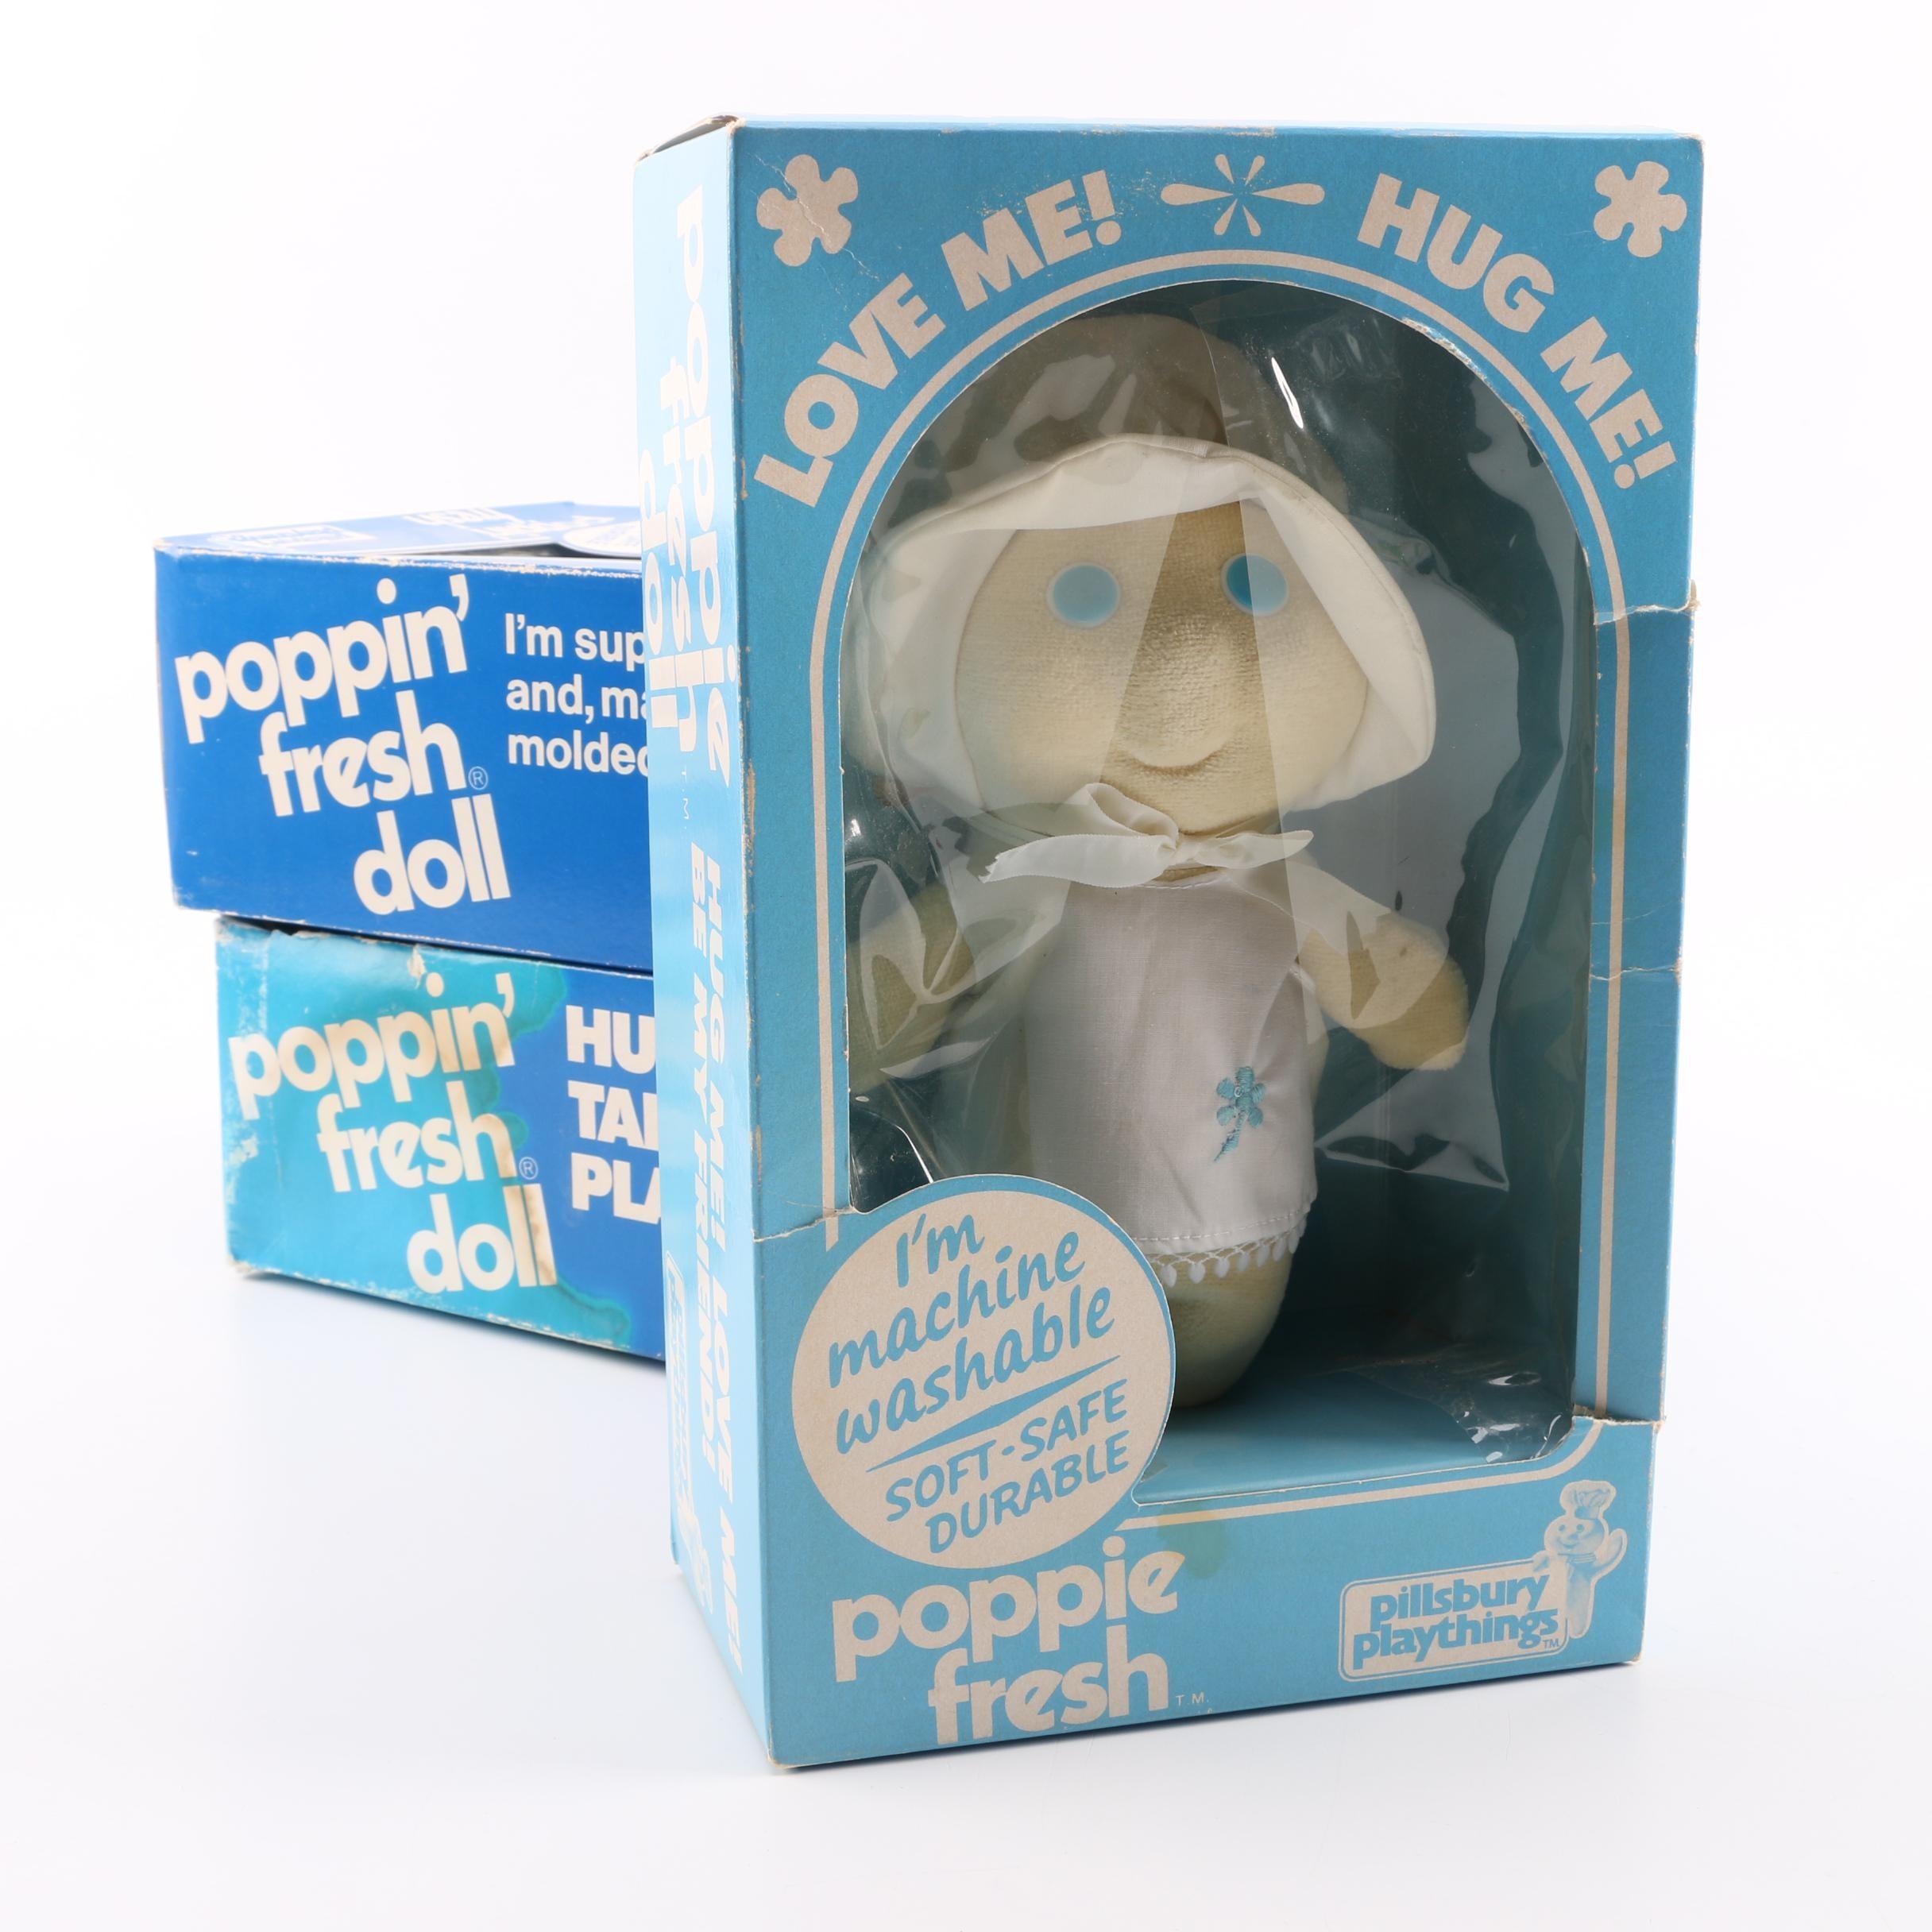 Pillsbury Playthings Poppin' Fresh Dolls